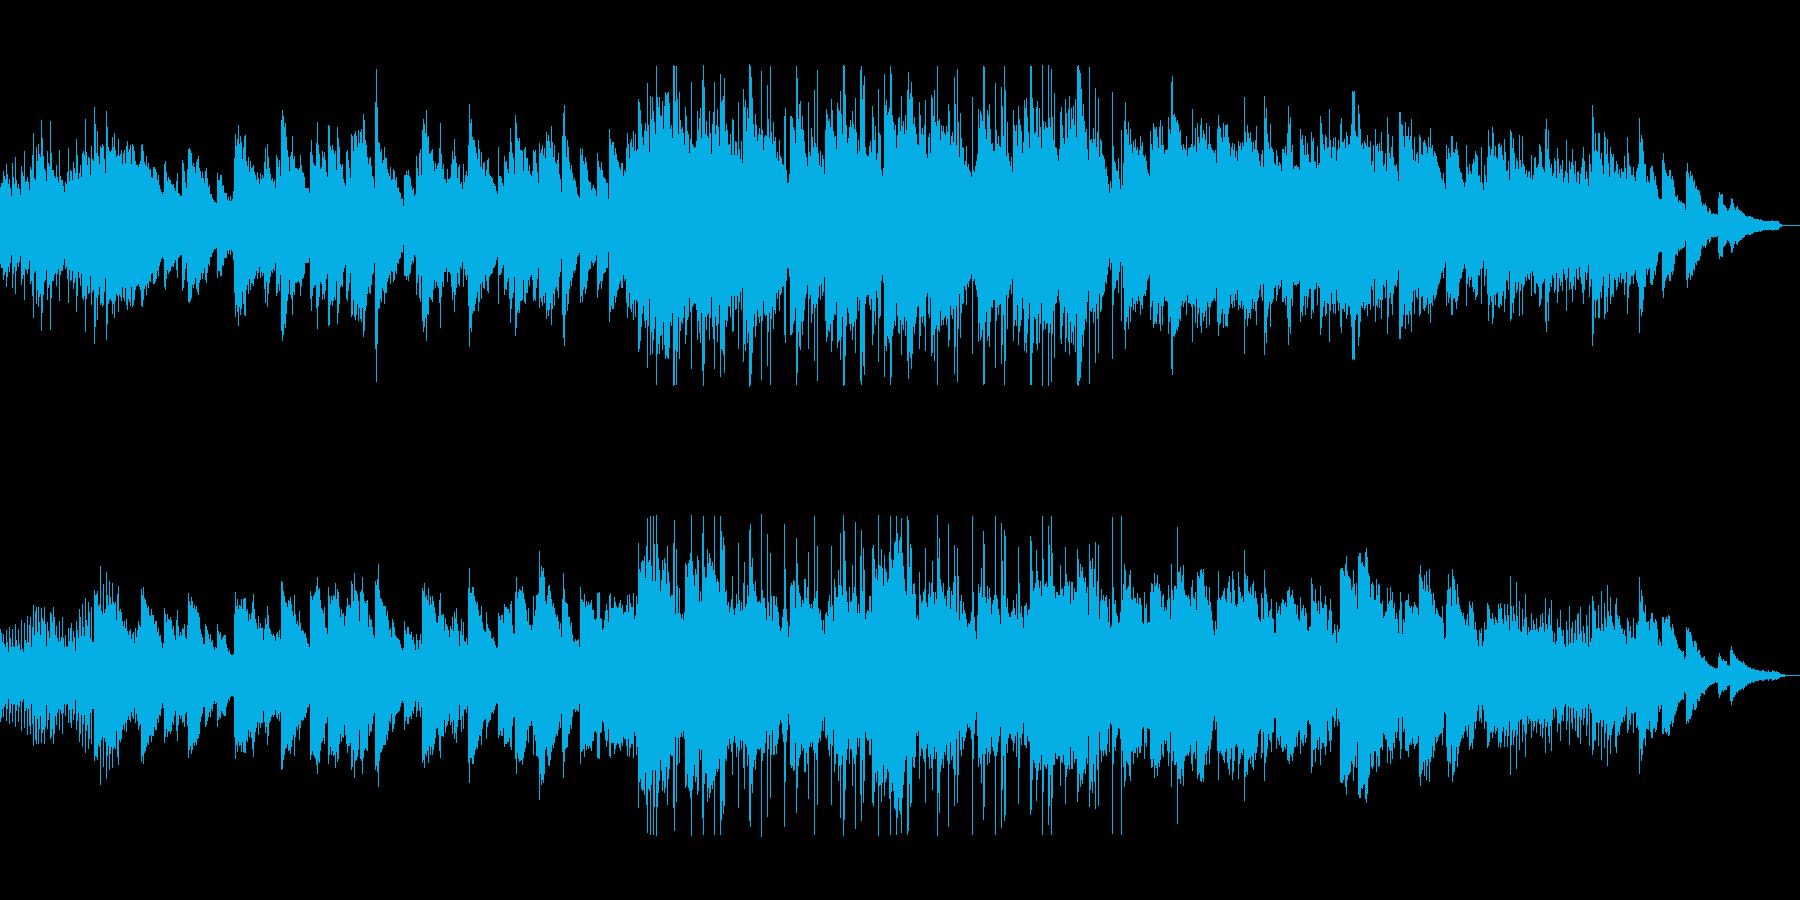 ピアノの演奏が基調の幻想的なポップスの再生済みの波形